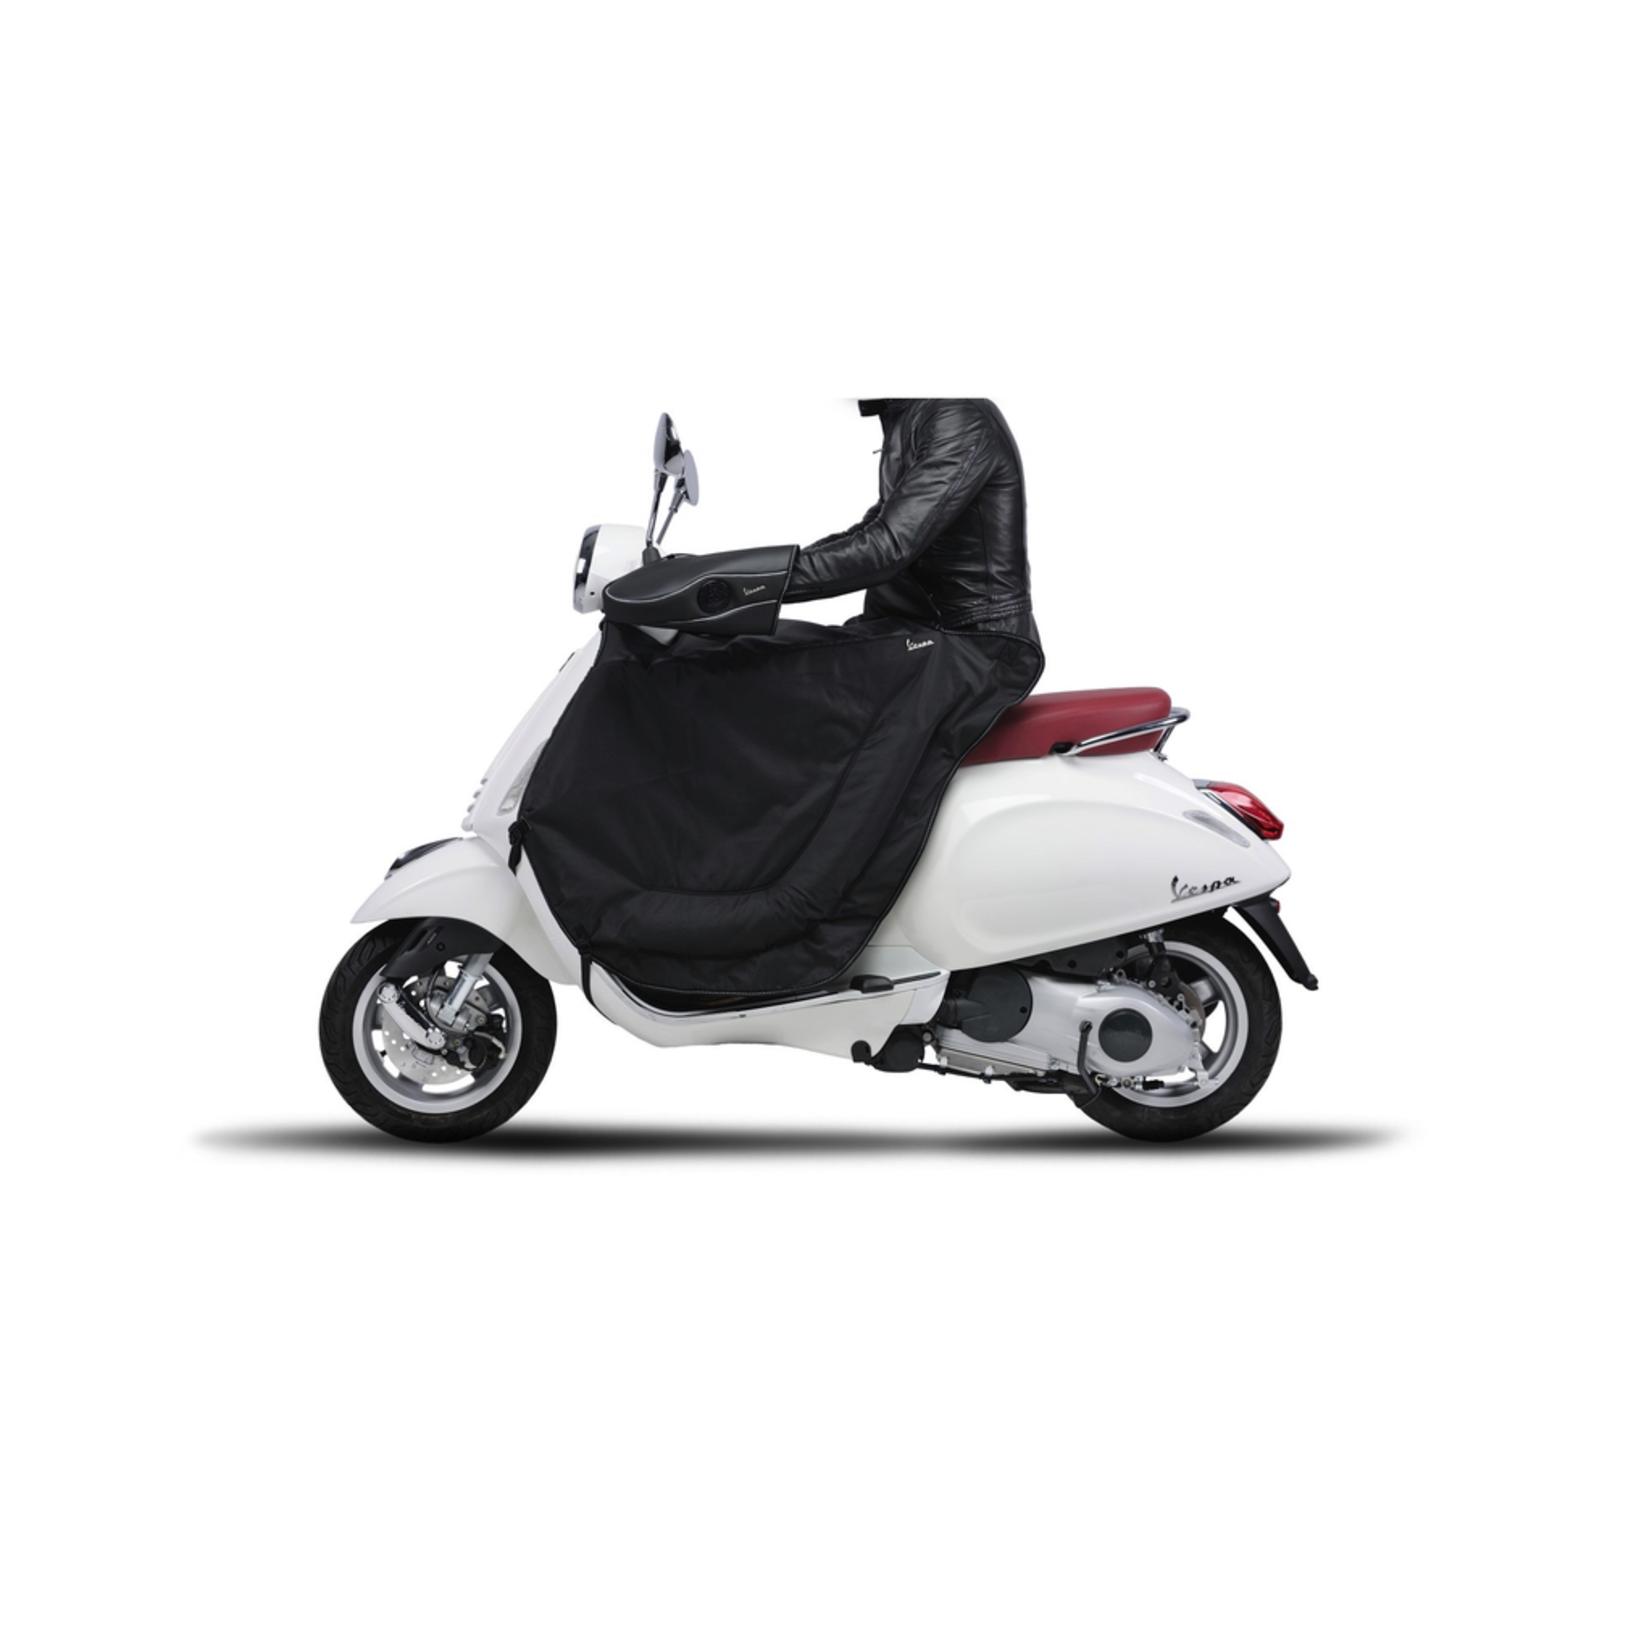 Accessories Riding Cover, Vespa Primavera/Sprint Lap Apron